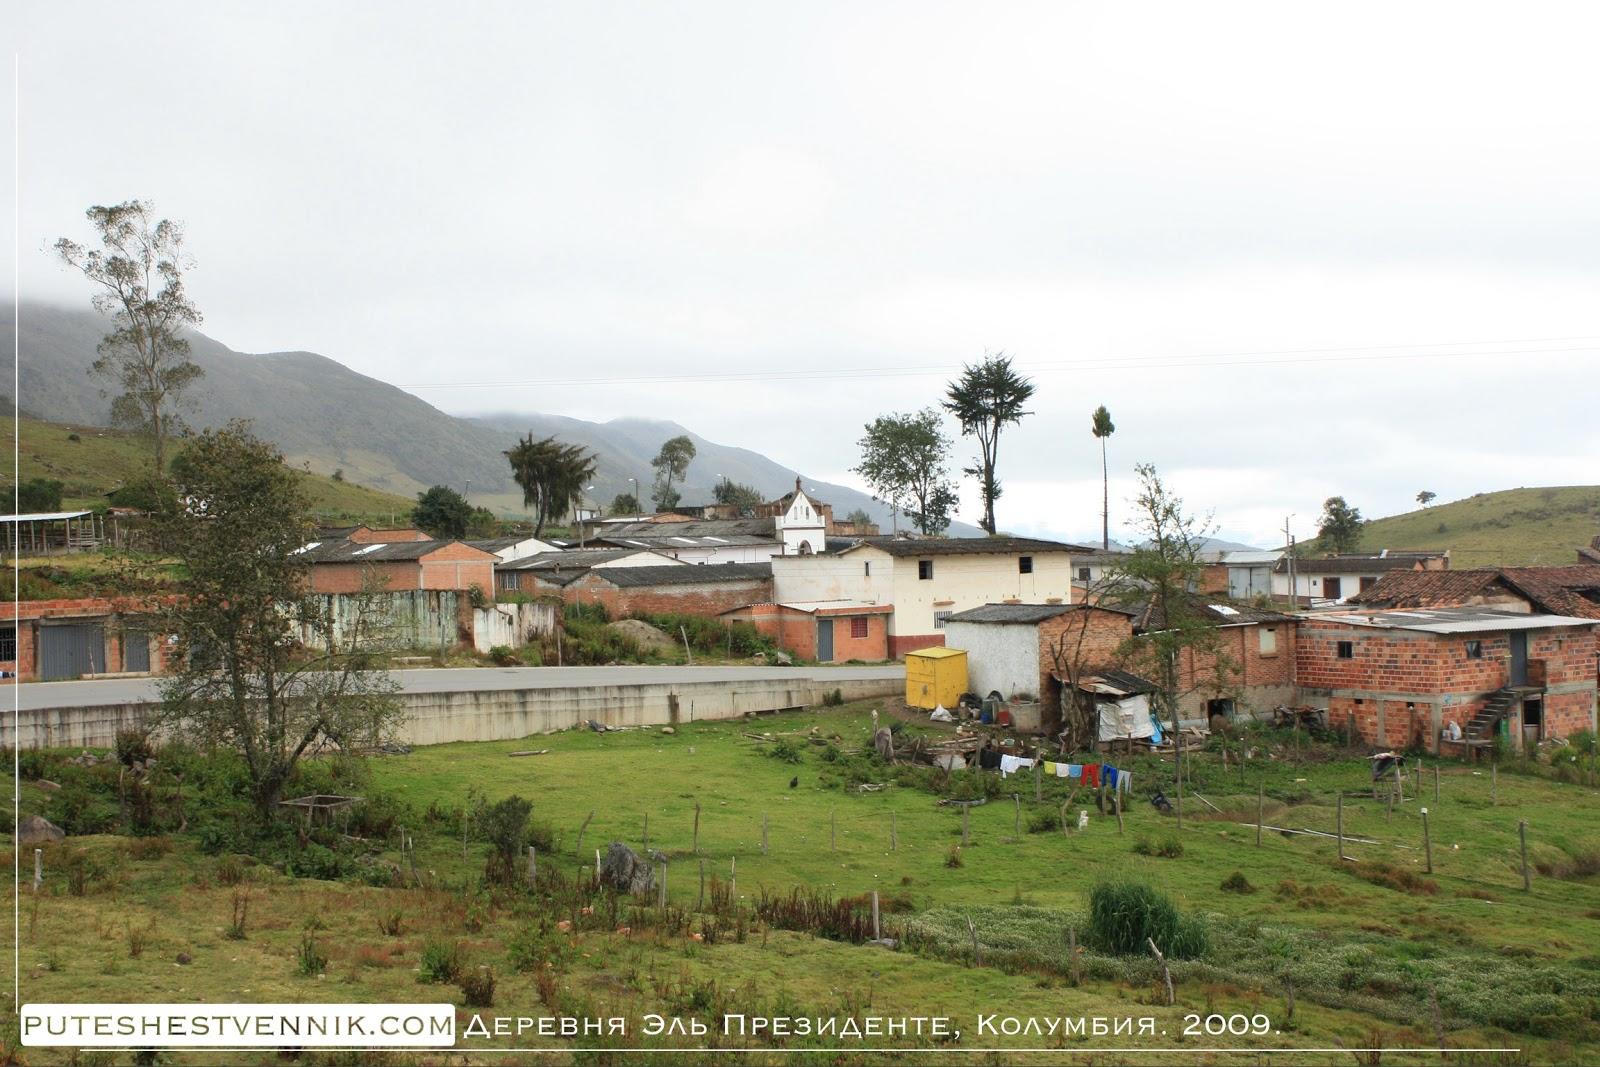 Деревня Эль-Президенте